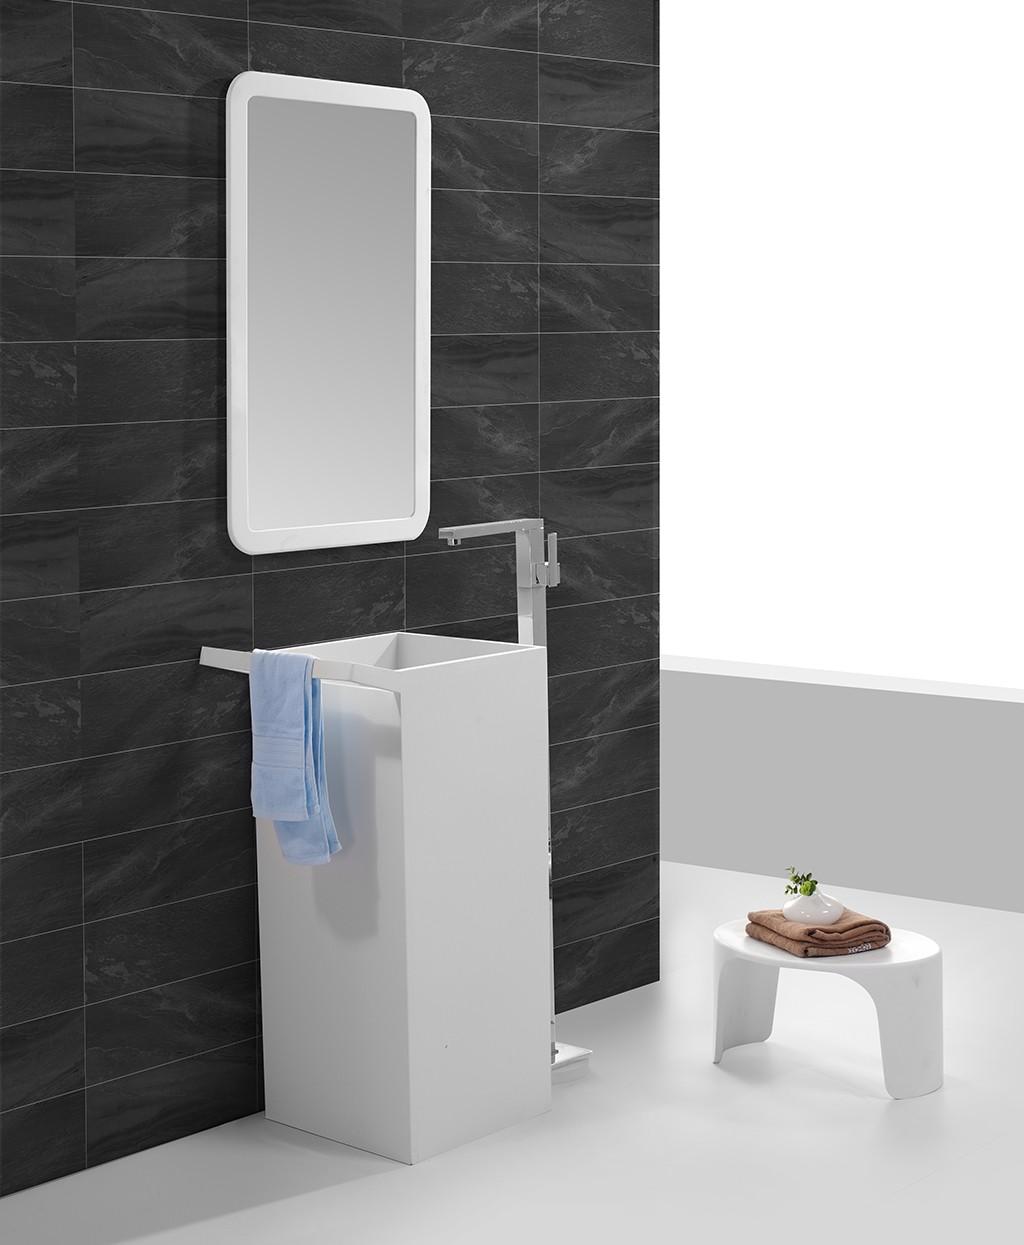 KingKonree solid stand alone bathroom sink manufacturer for hotel-1